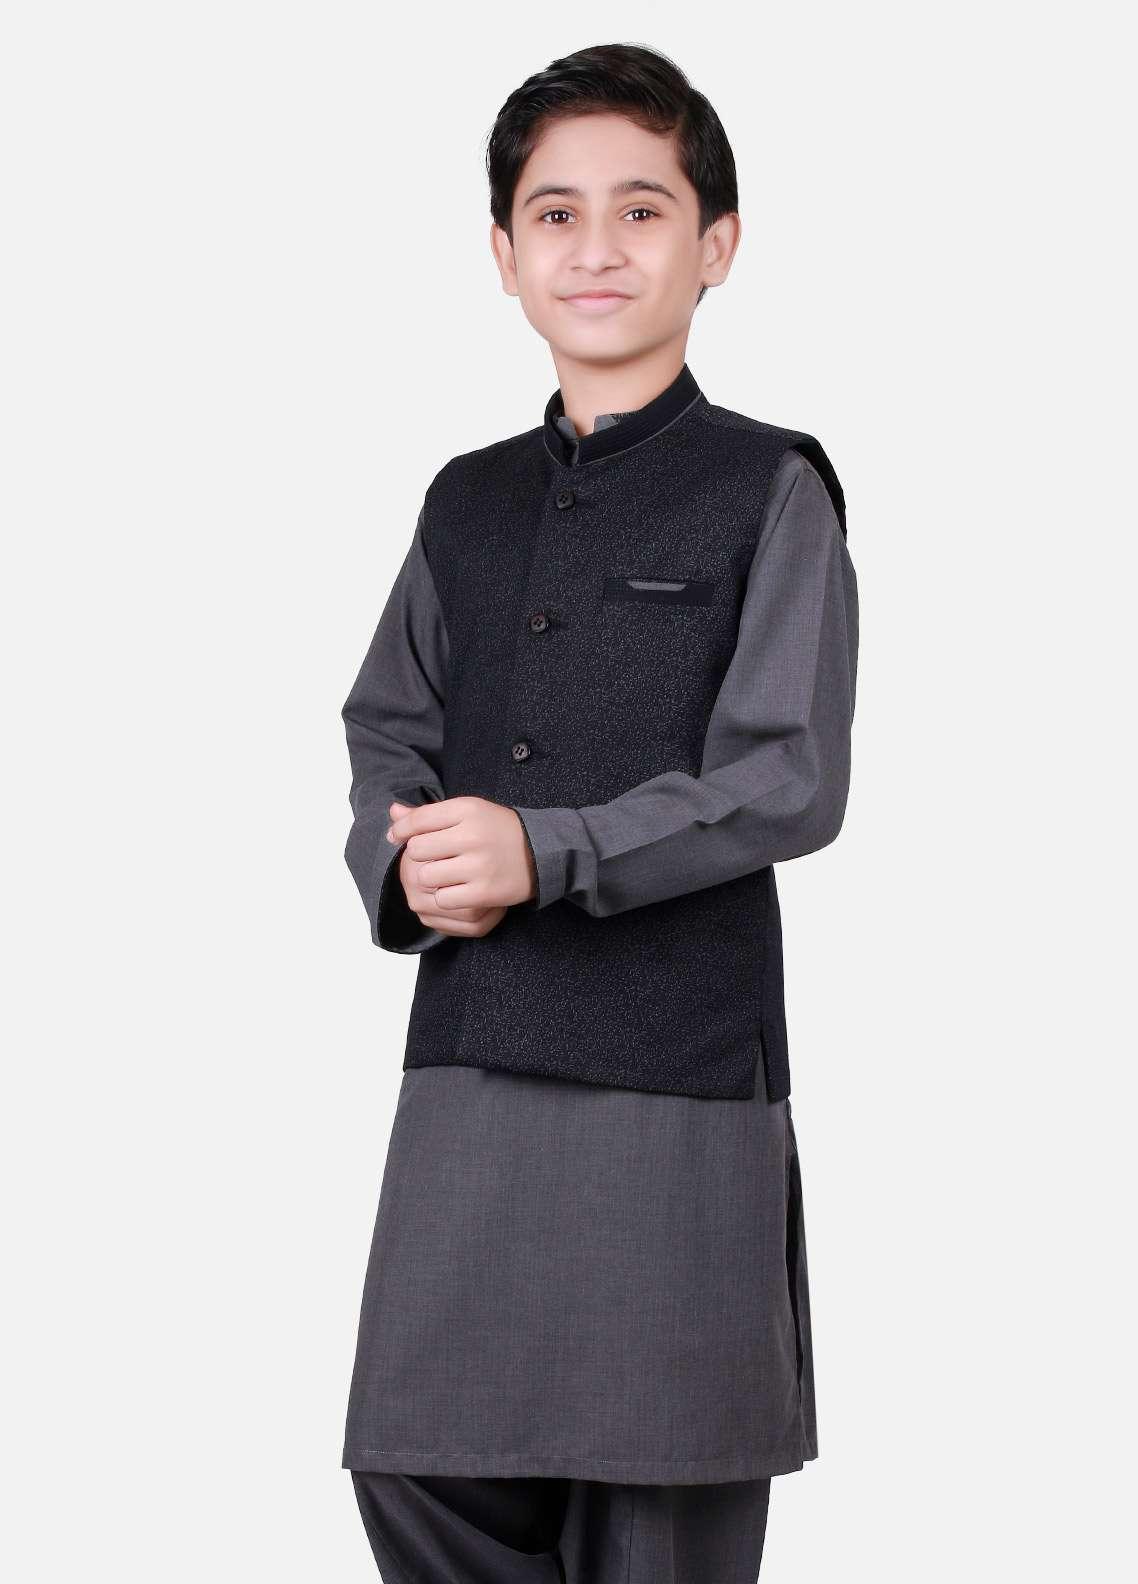 Edenrobe Cotton Plain Texture Boys Waistcoat Suits - Grey EDW18B 25074